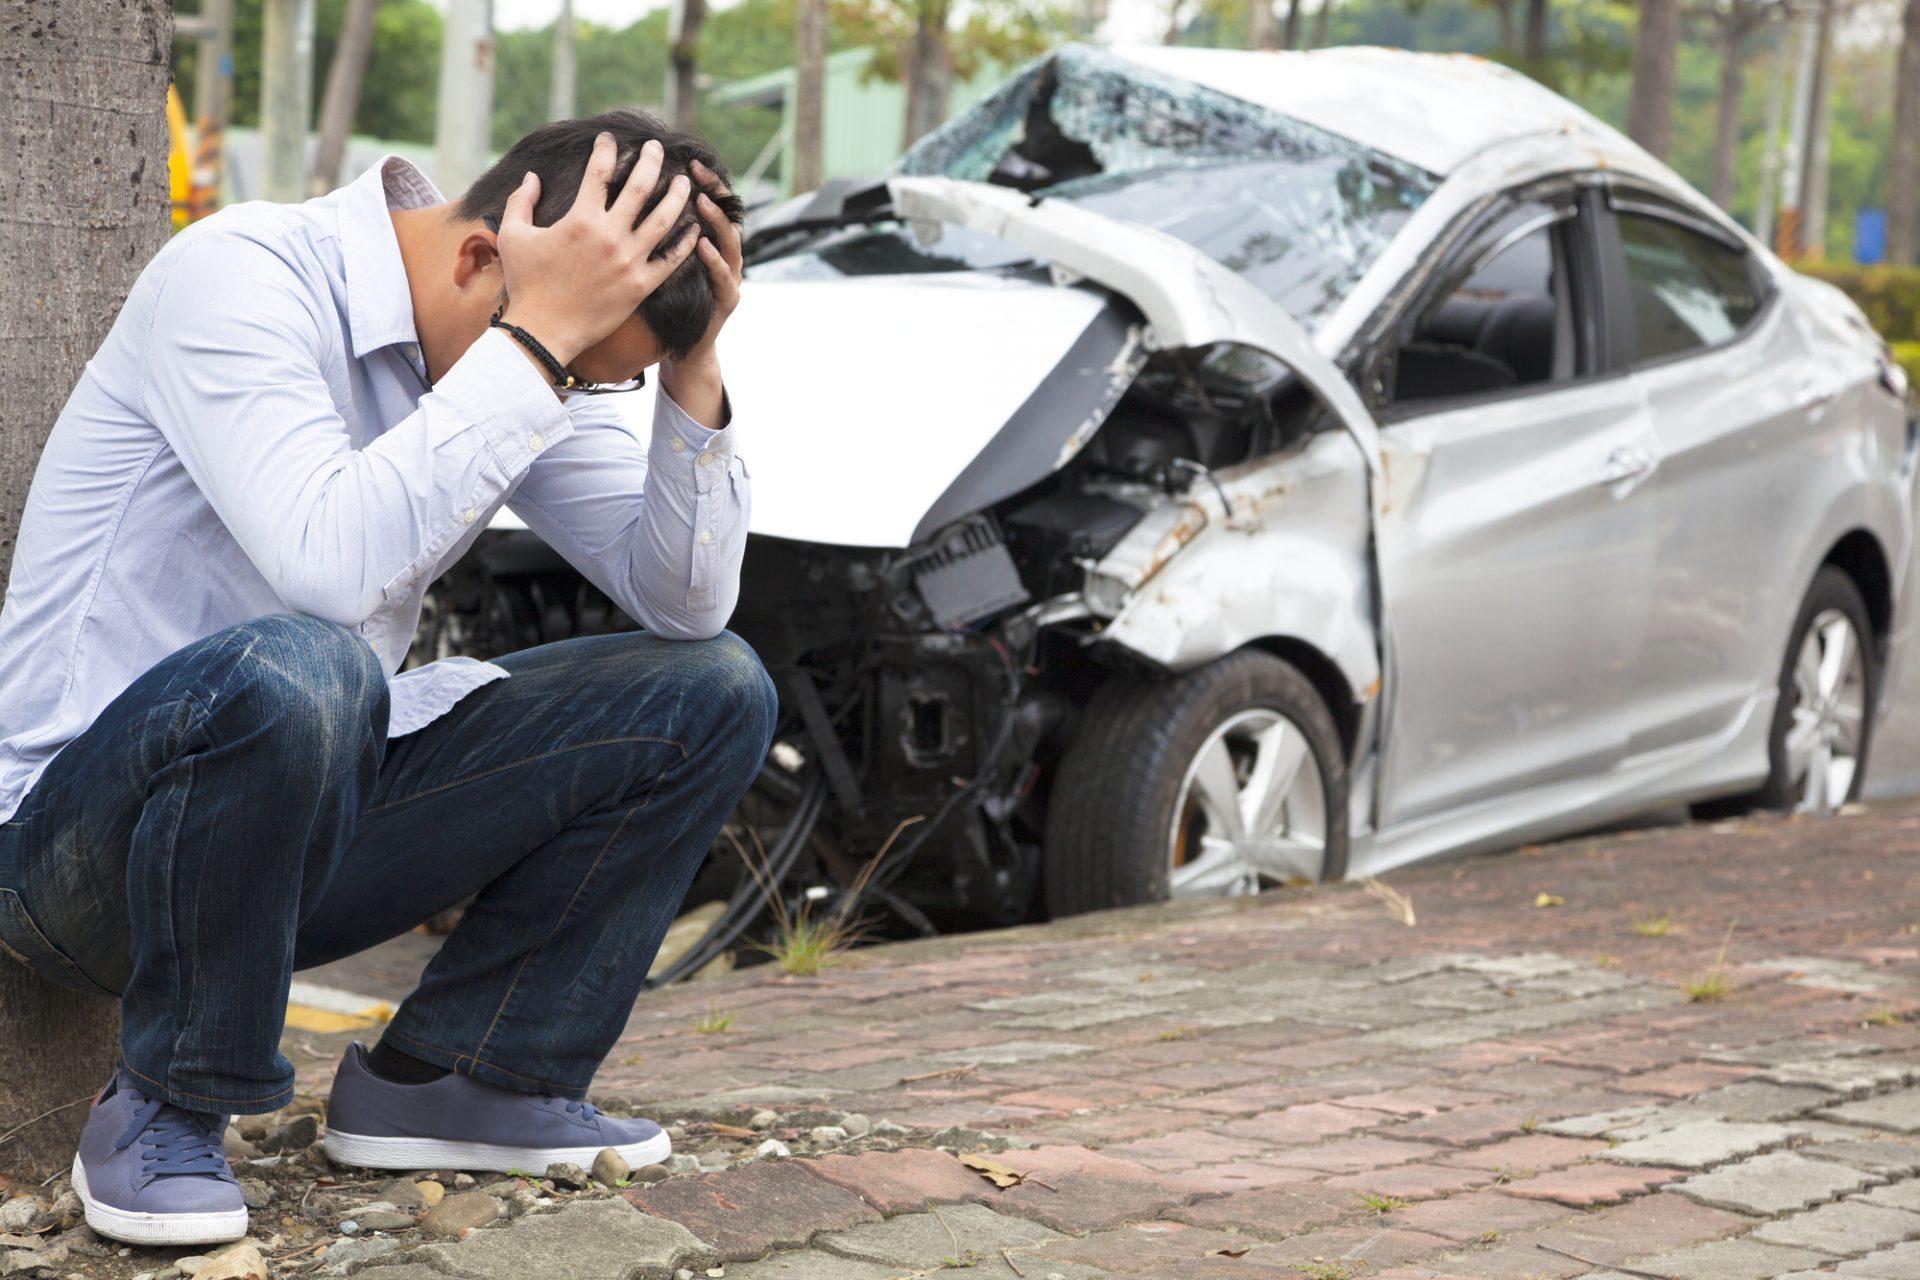 Qué hacer si un amigo choca tu auto